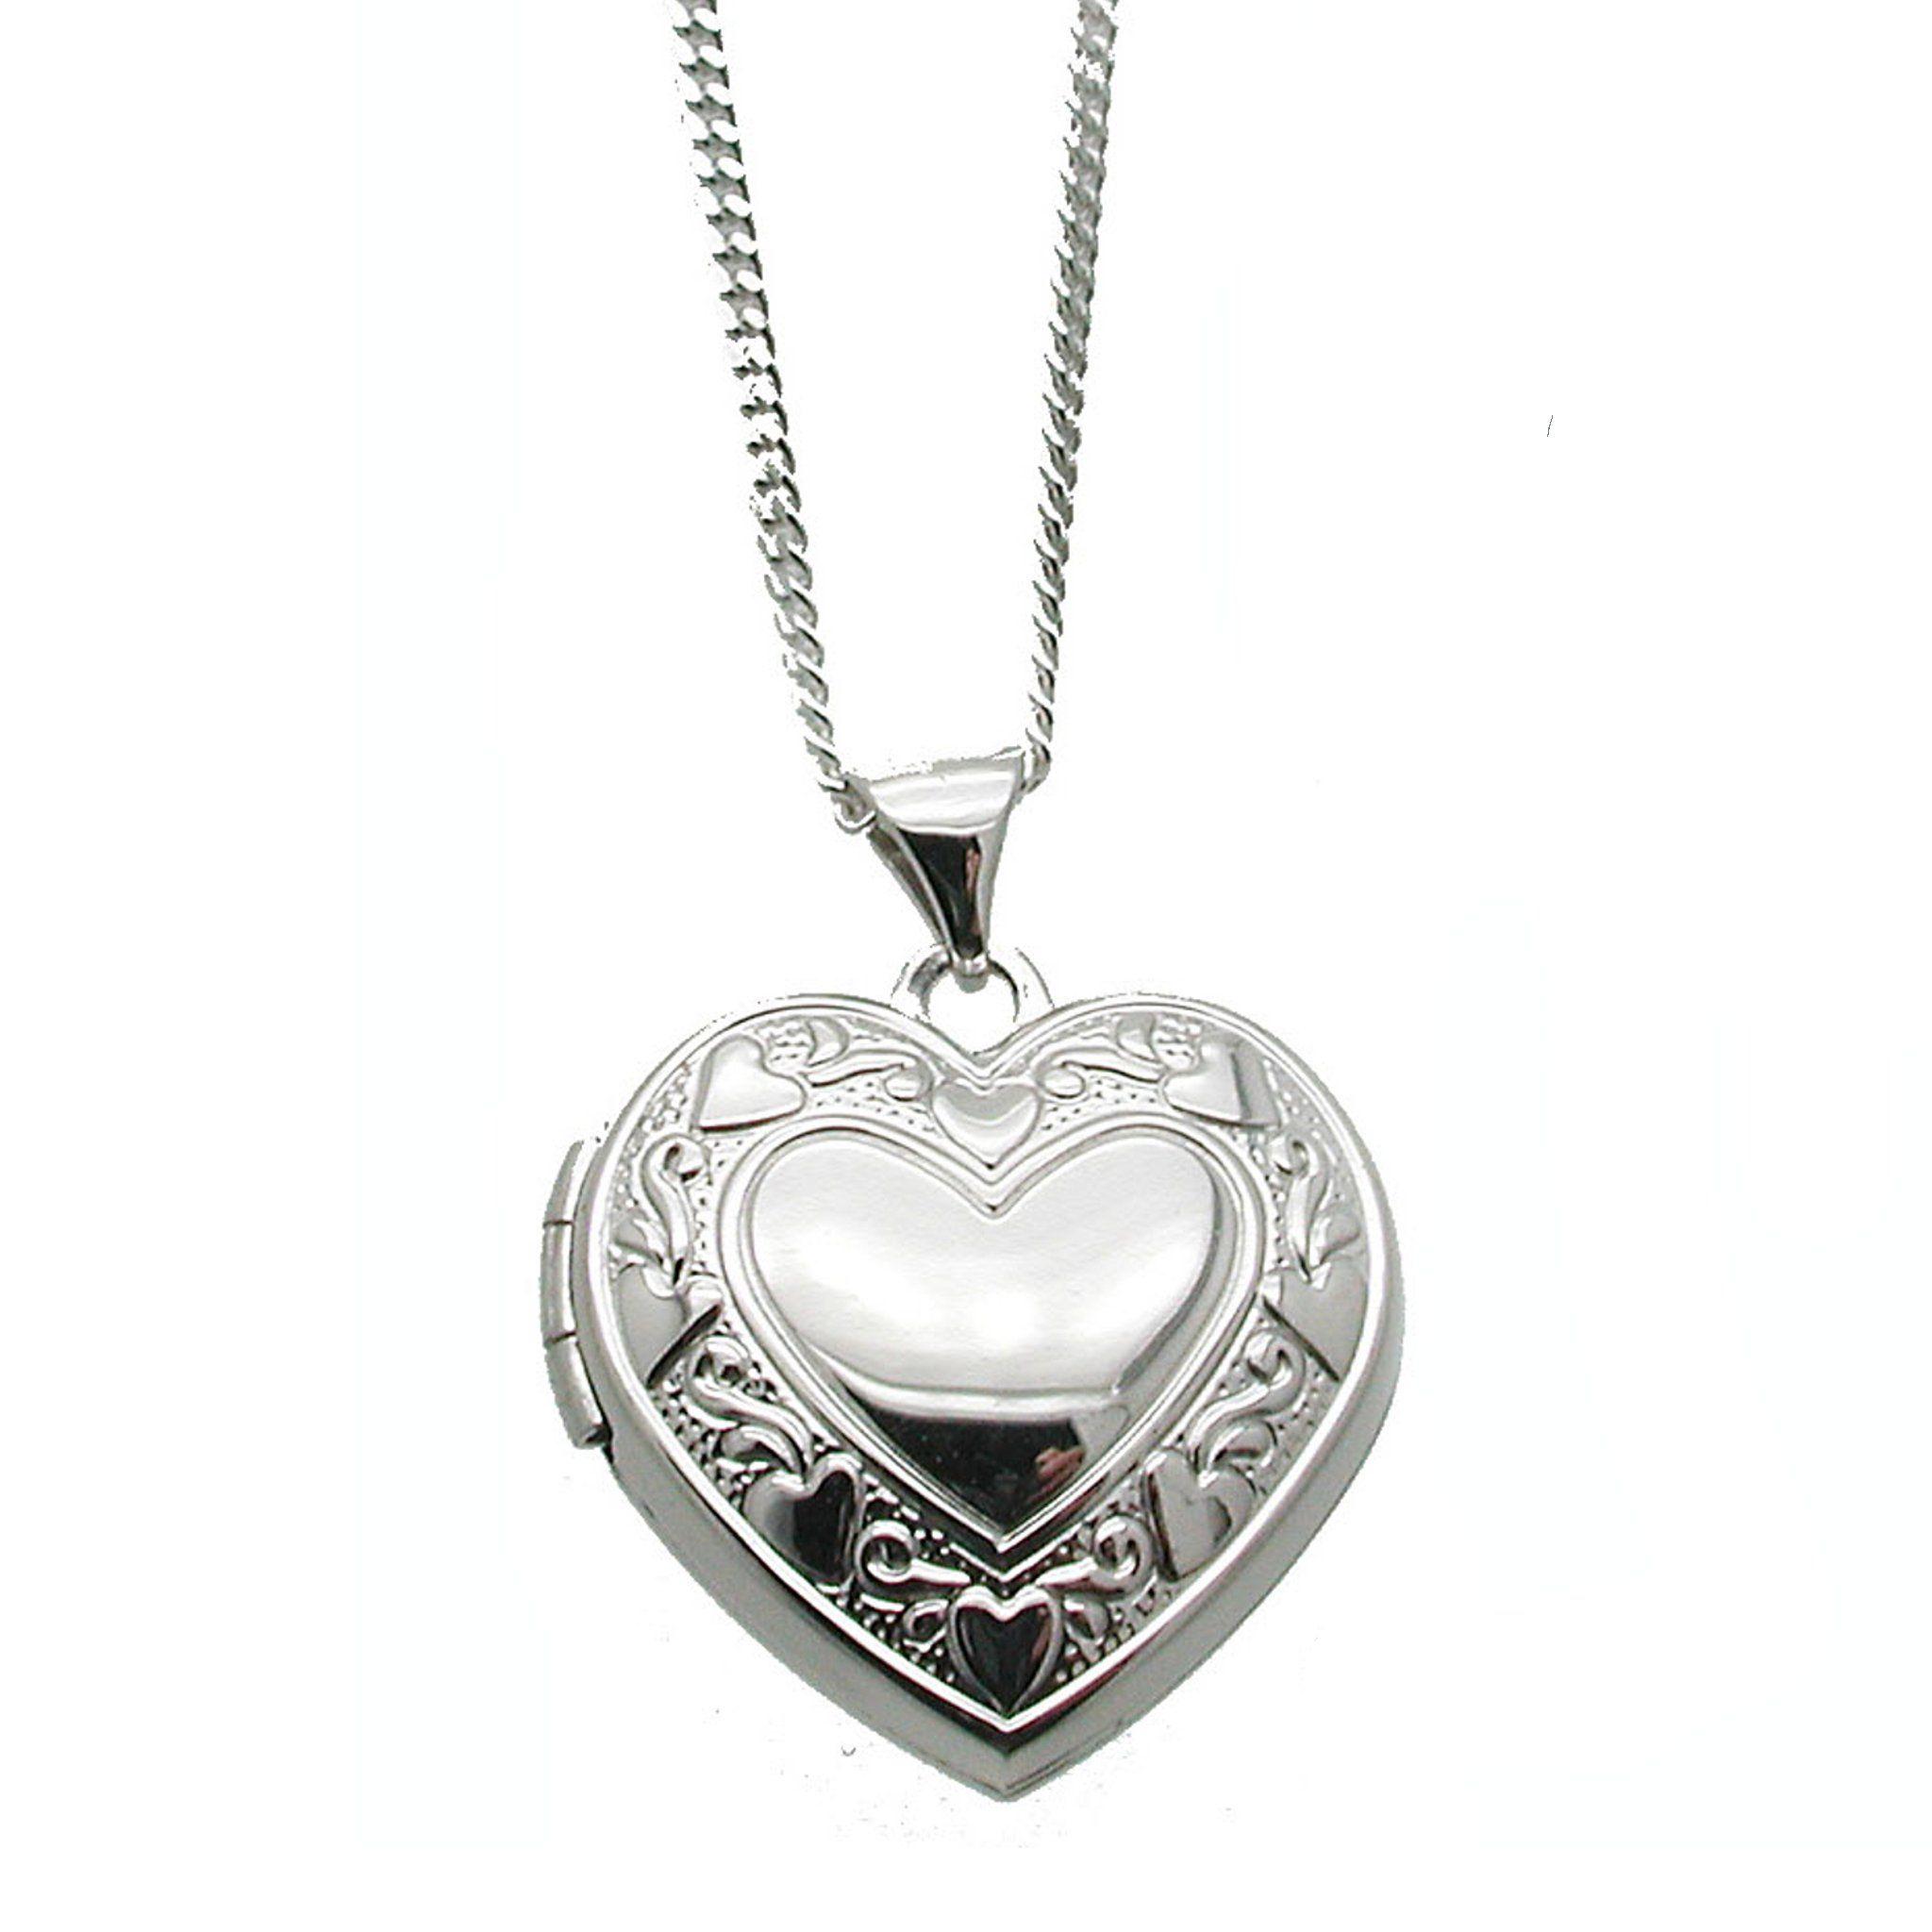 My Sweet Heart Heart locket necklace, Jewelry, Sterling